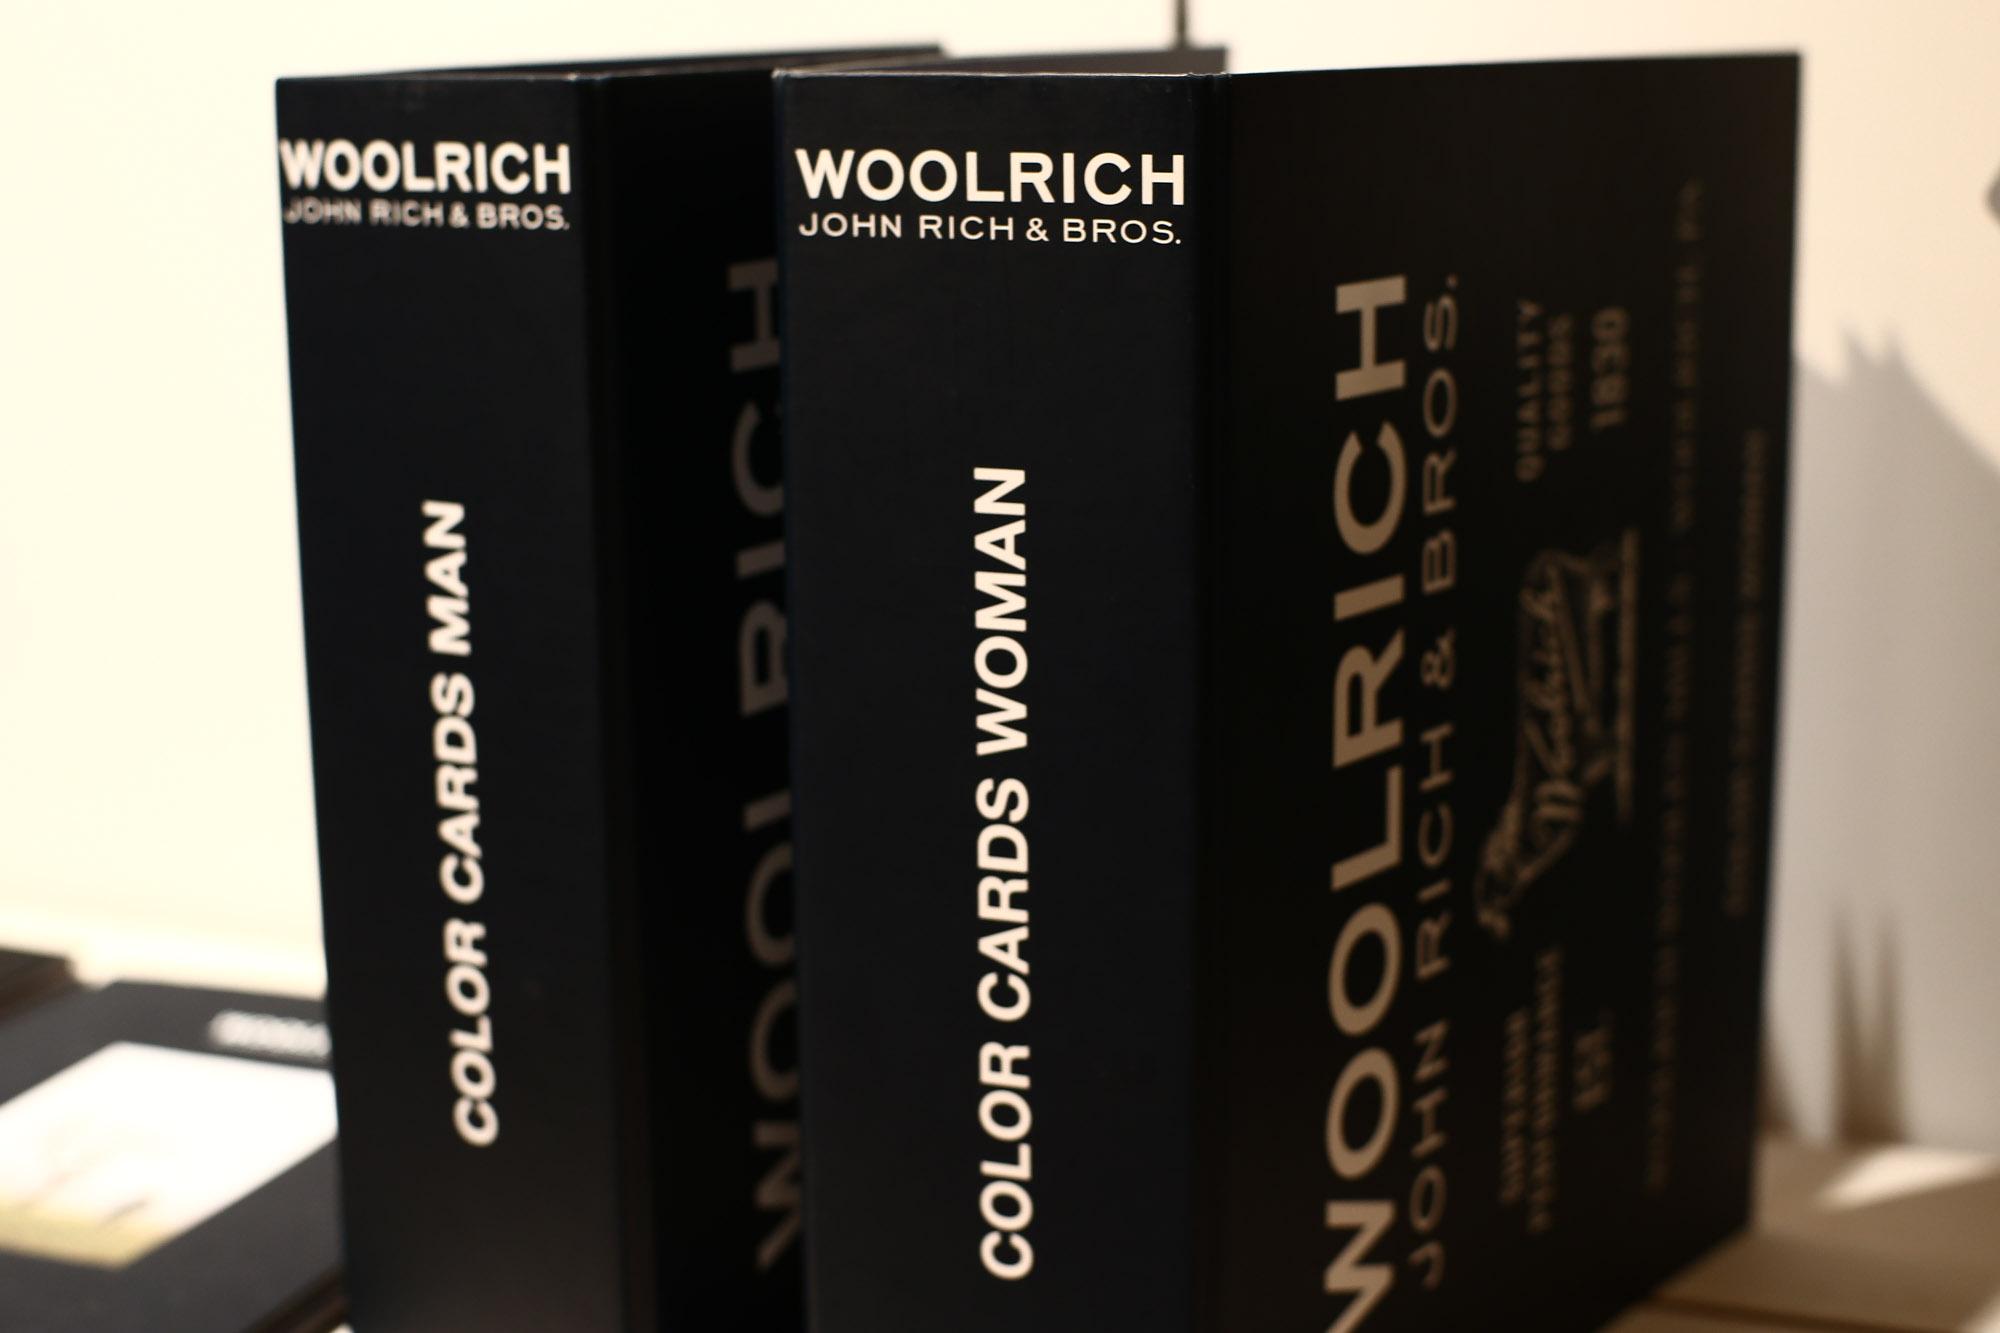 WOOLRICH / ウールリッチ (2017 秋冬展示会) 愛知 名古屋 Alto e Diritto アルト エ デリット woolrich ウールリッチ arctic parka アークティックパーカ 60/40 BLIZZARD PARKA ブリザードパーカ ダウンジャケット ダウンパーカ